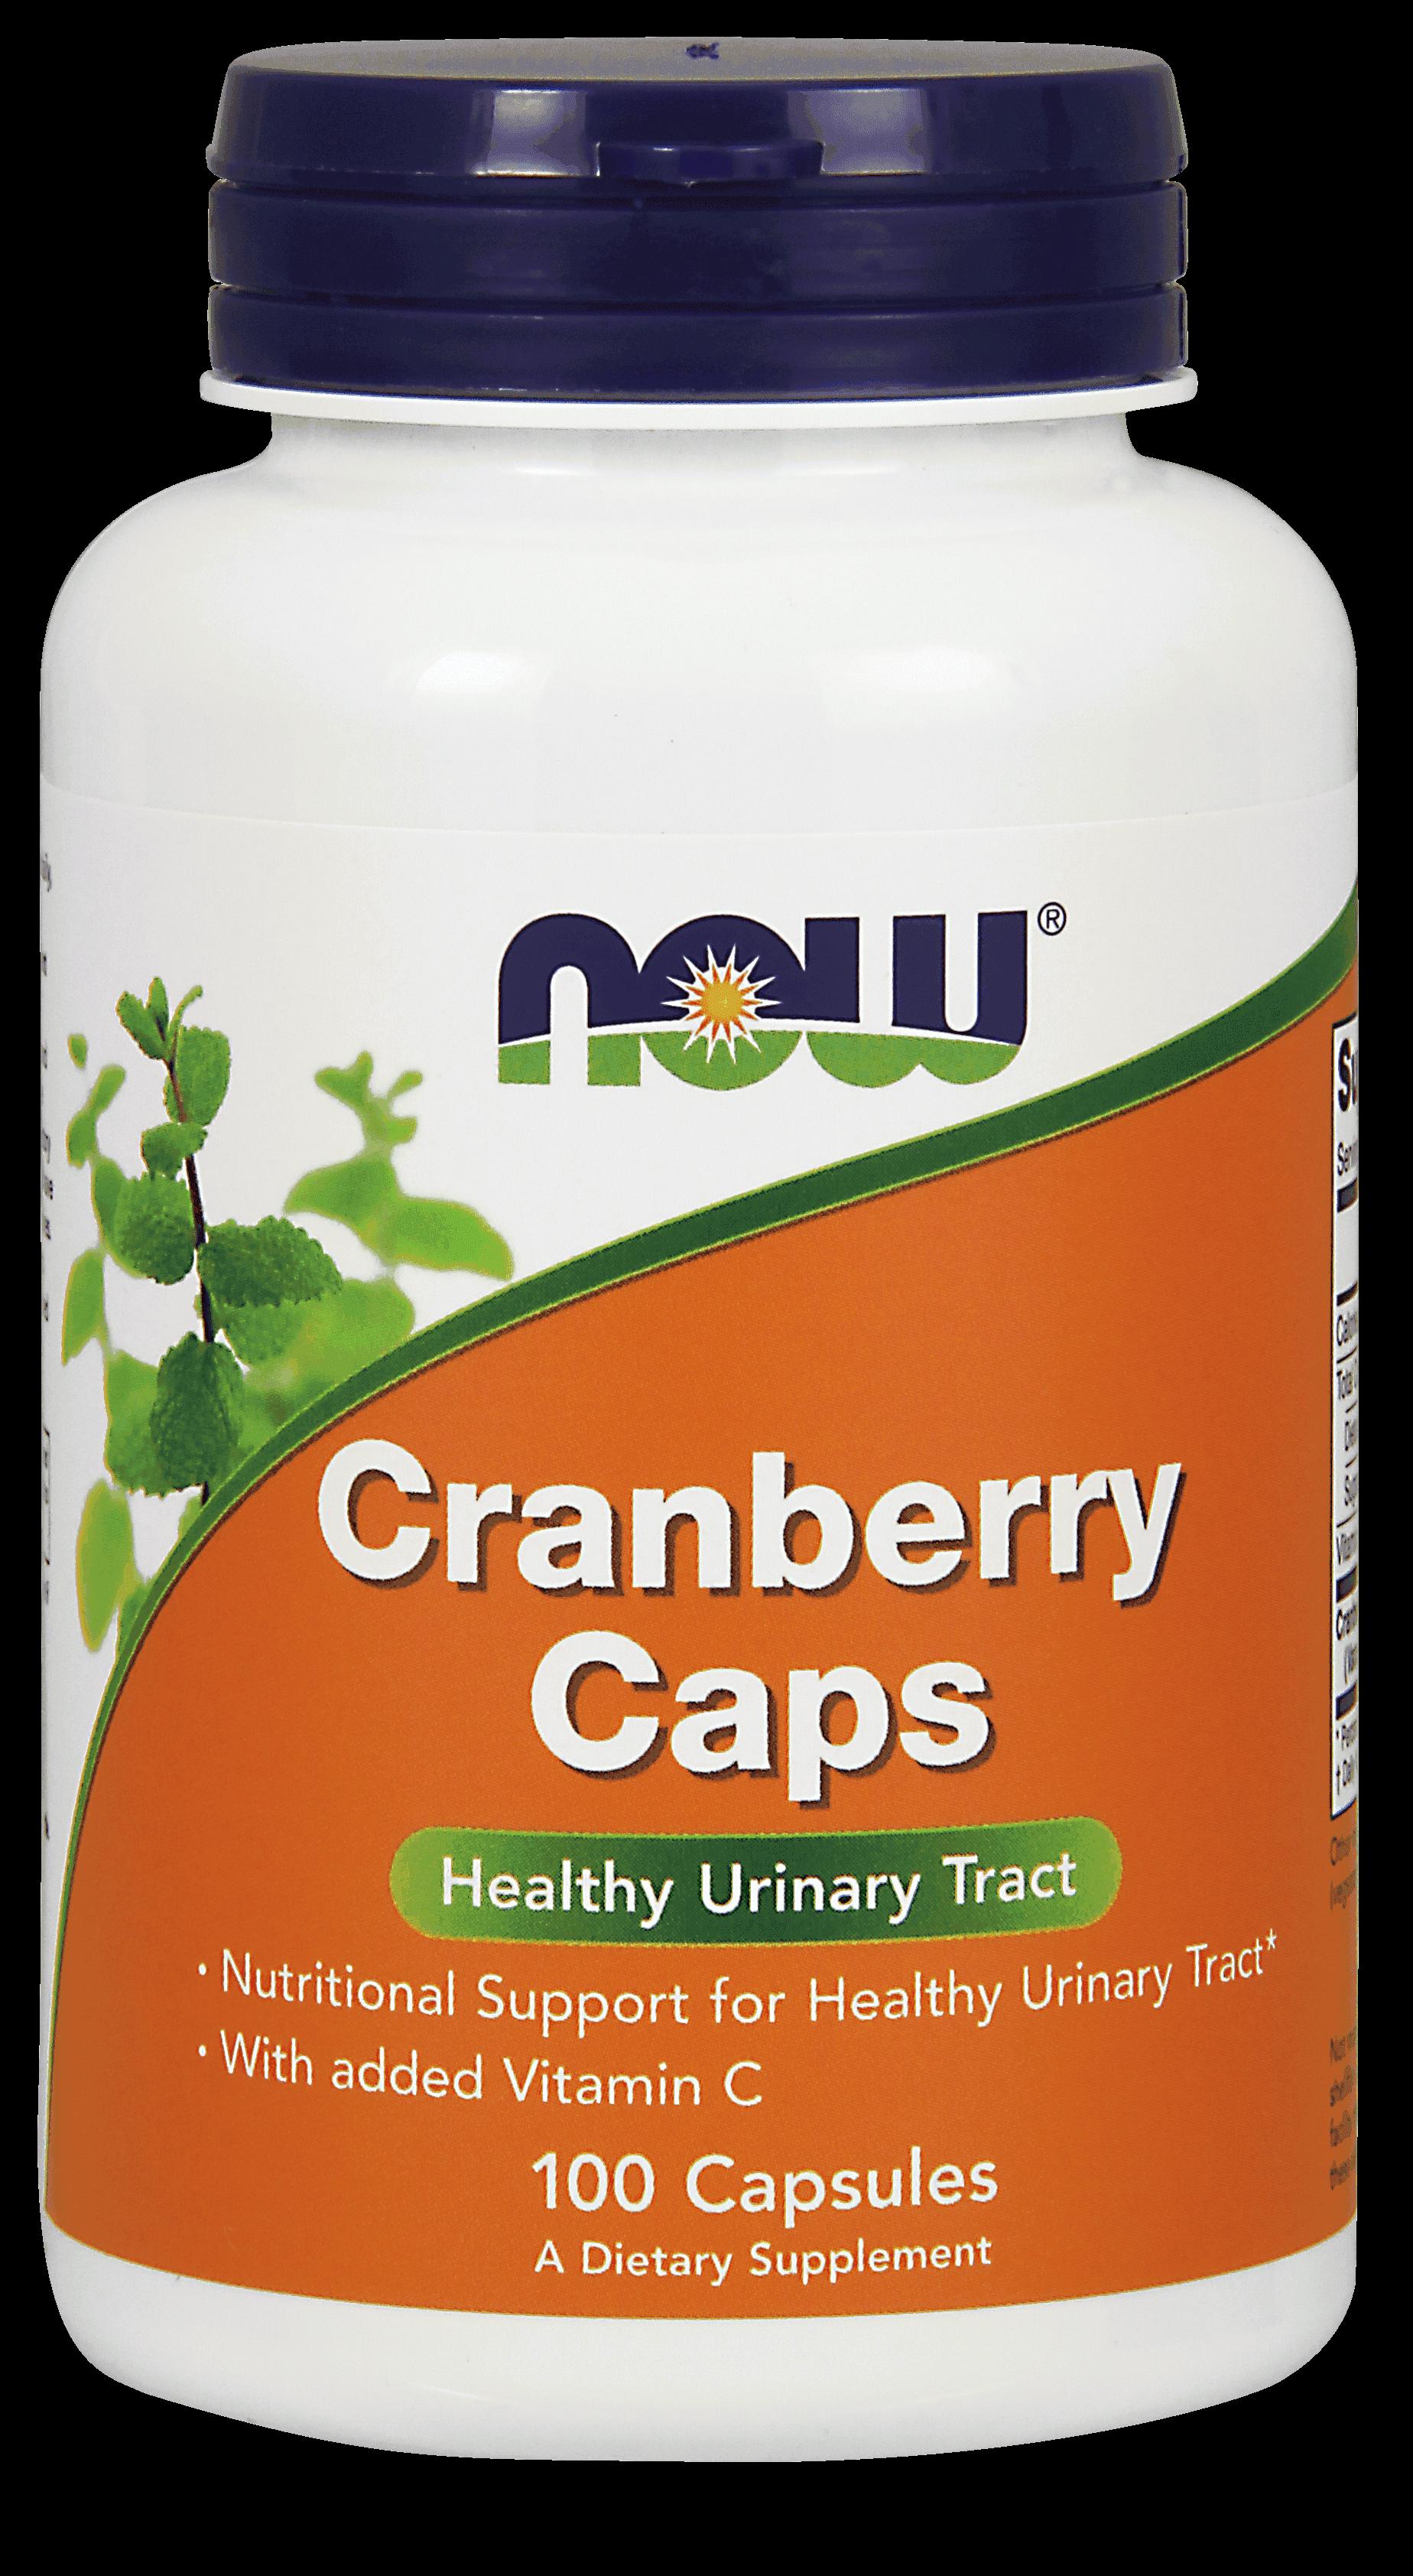 Cranberry Caps